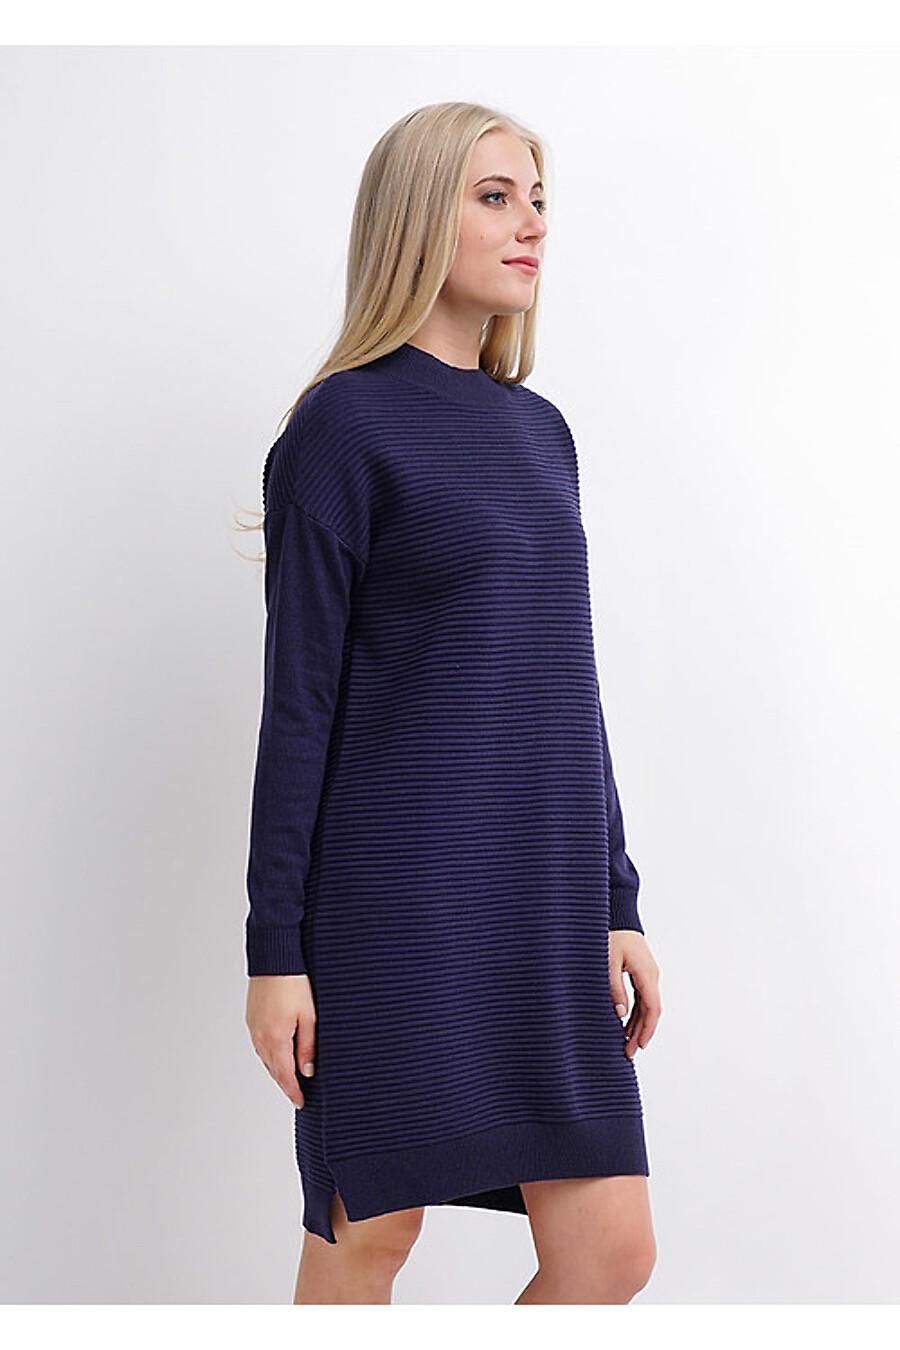 Платье для женщин CLEVER 155543 купить оптом от производителя. Совместная покупка женской одежды в OptMoyo